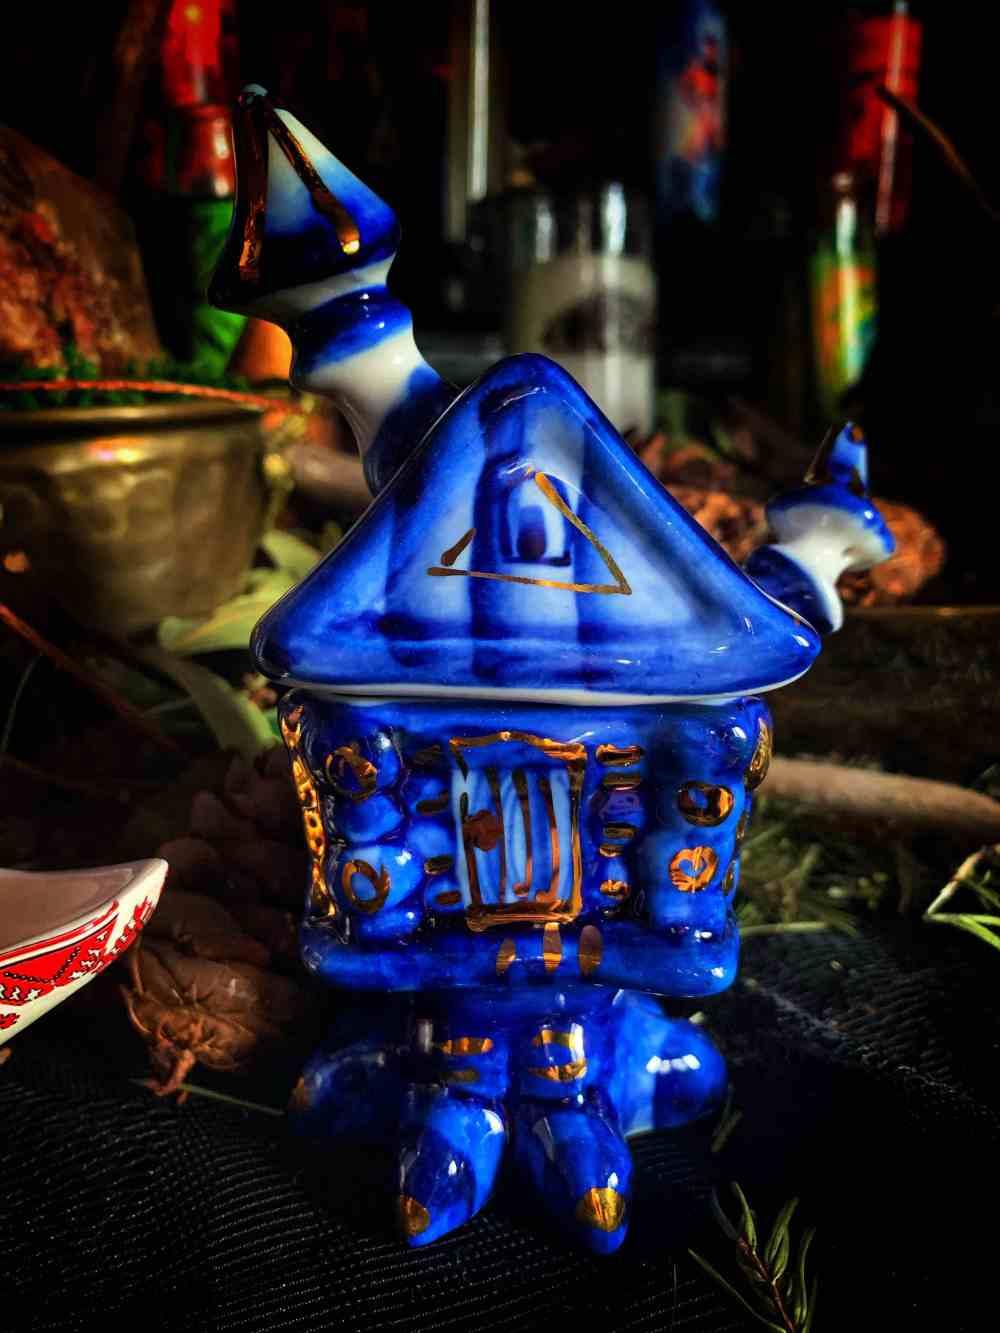 Baba Yaga Sugar Bowl